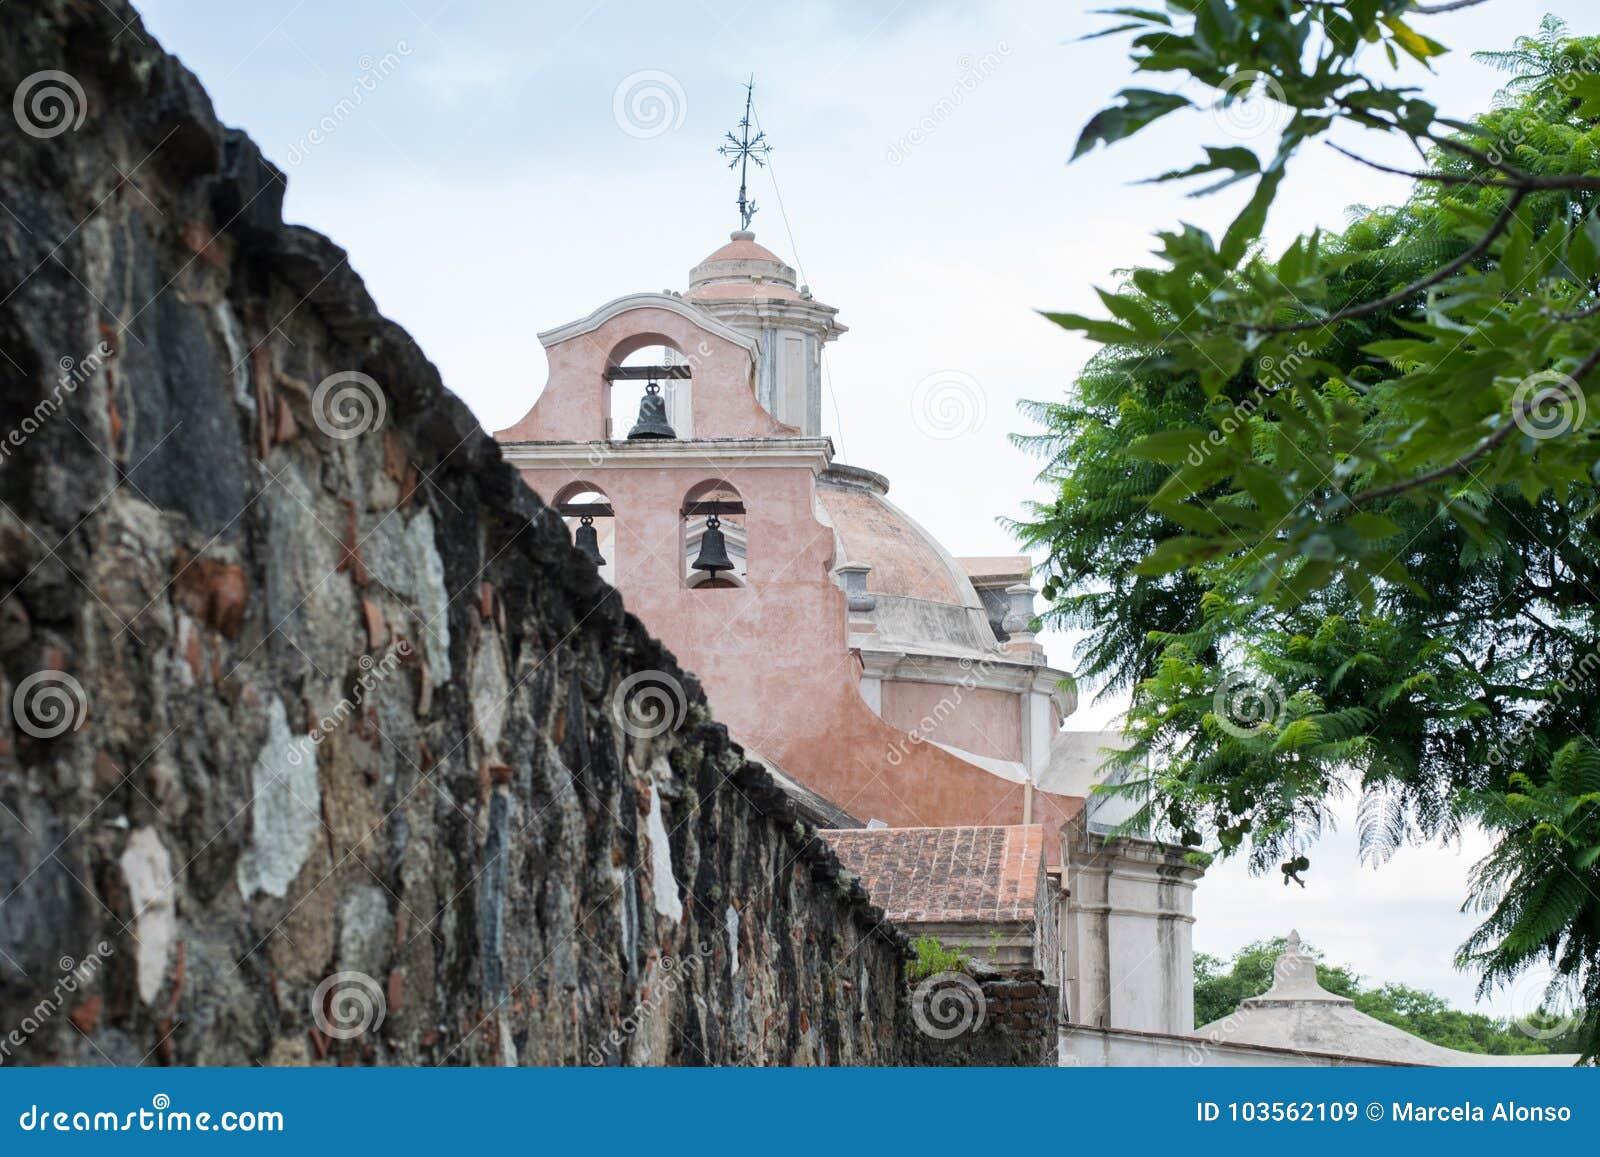 Jésuites architecture, patrimoine mondial, église, musée Alta Gracia